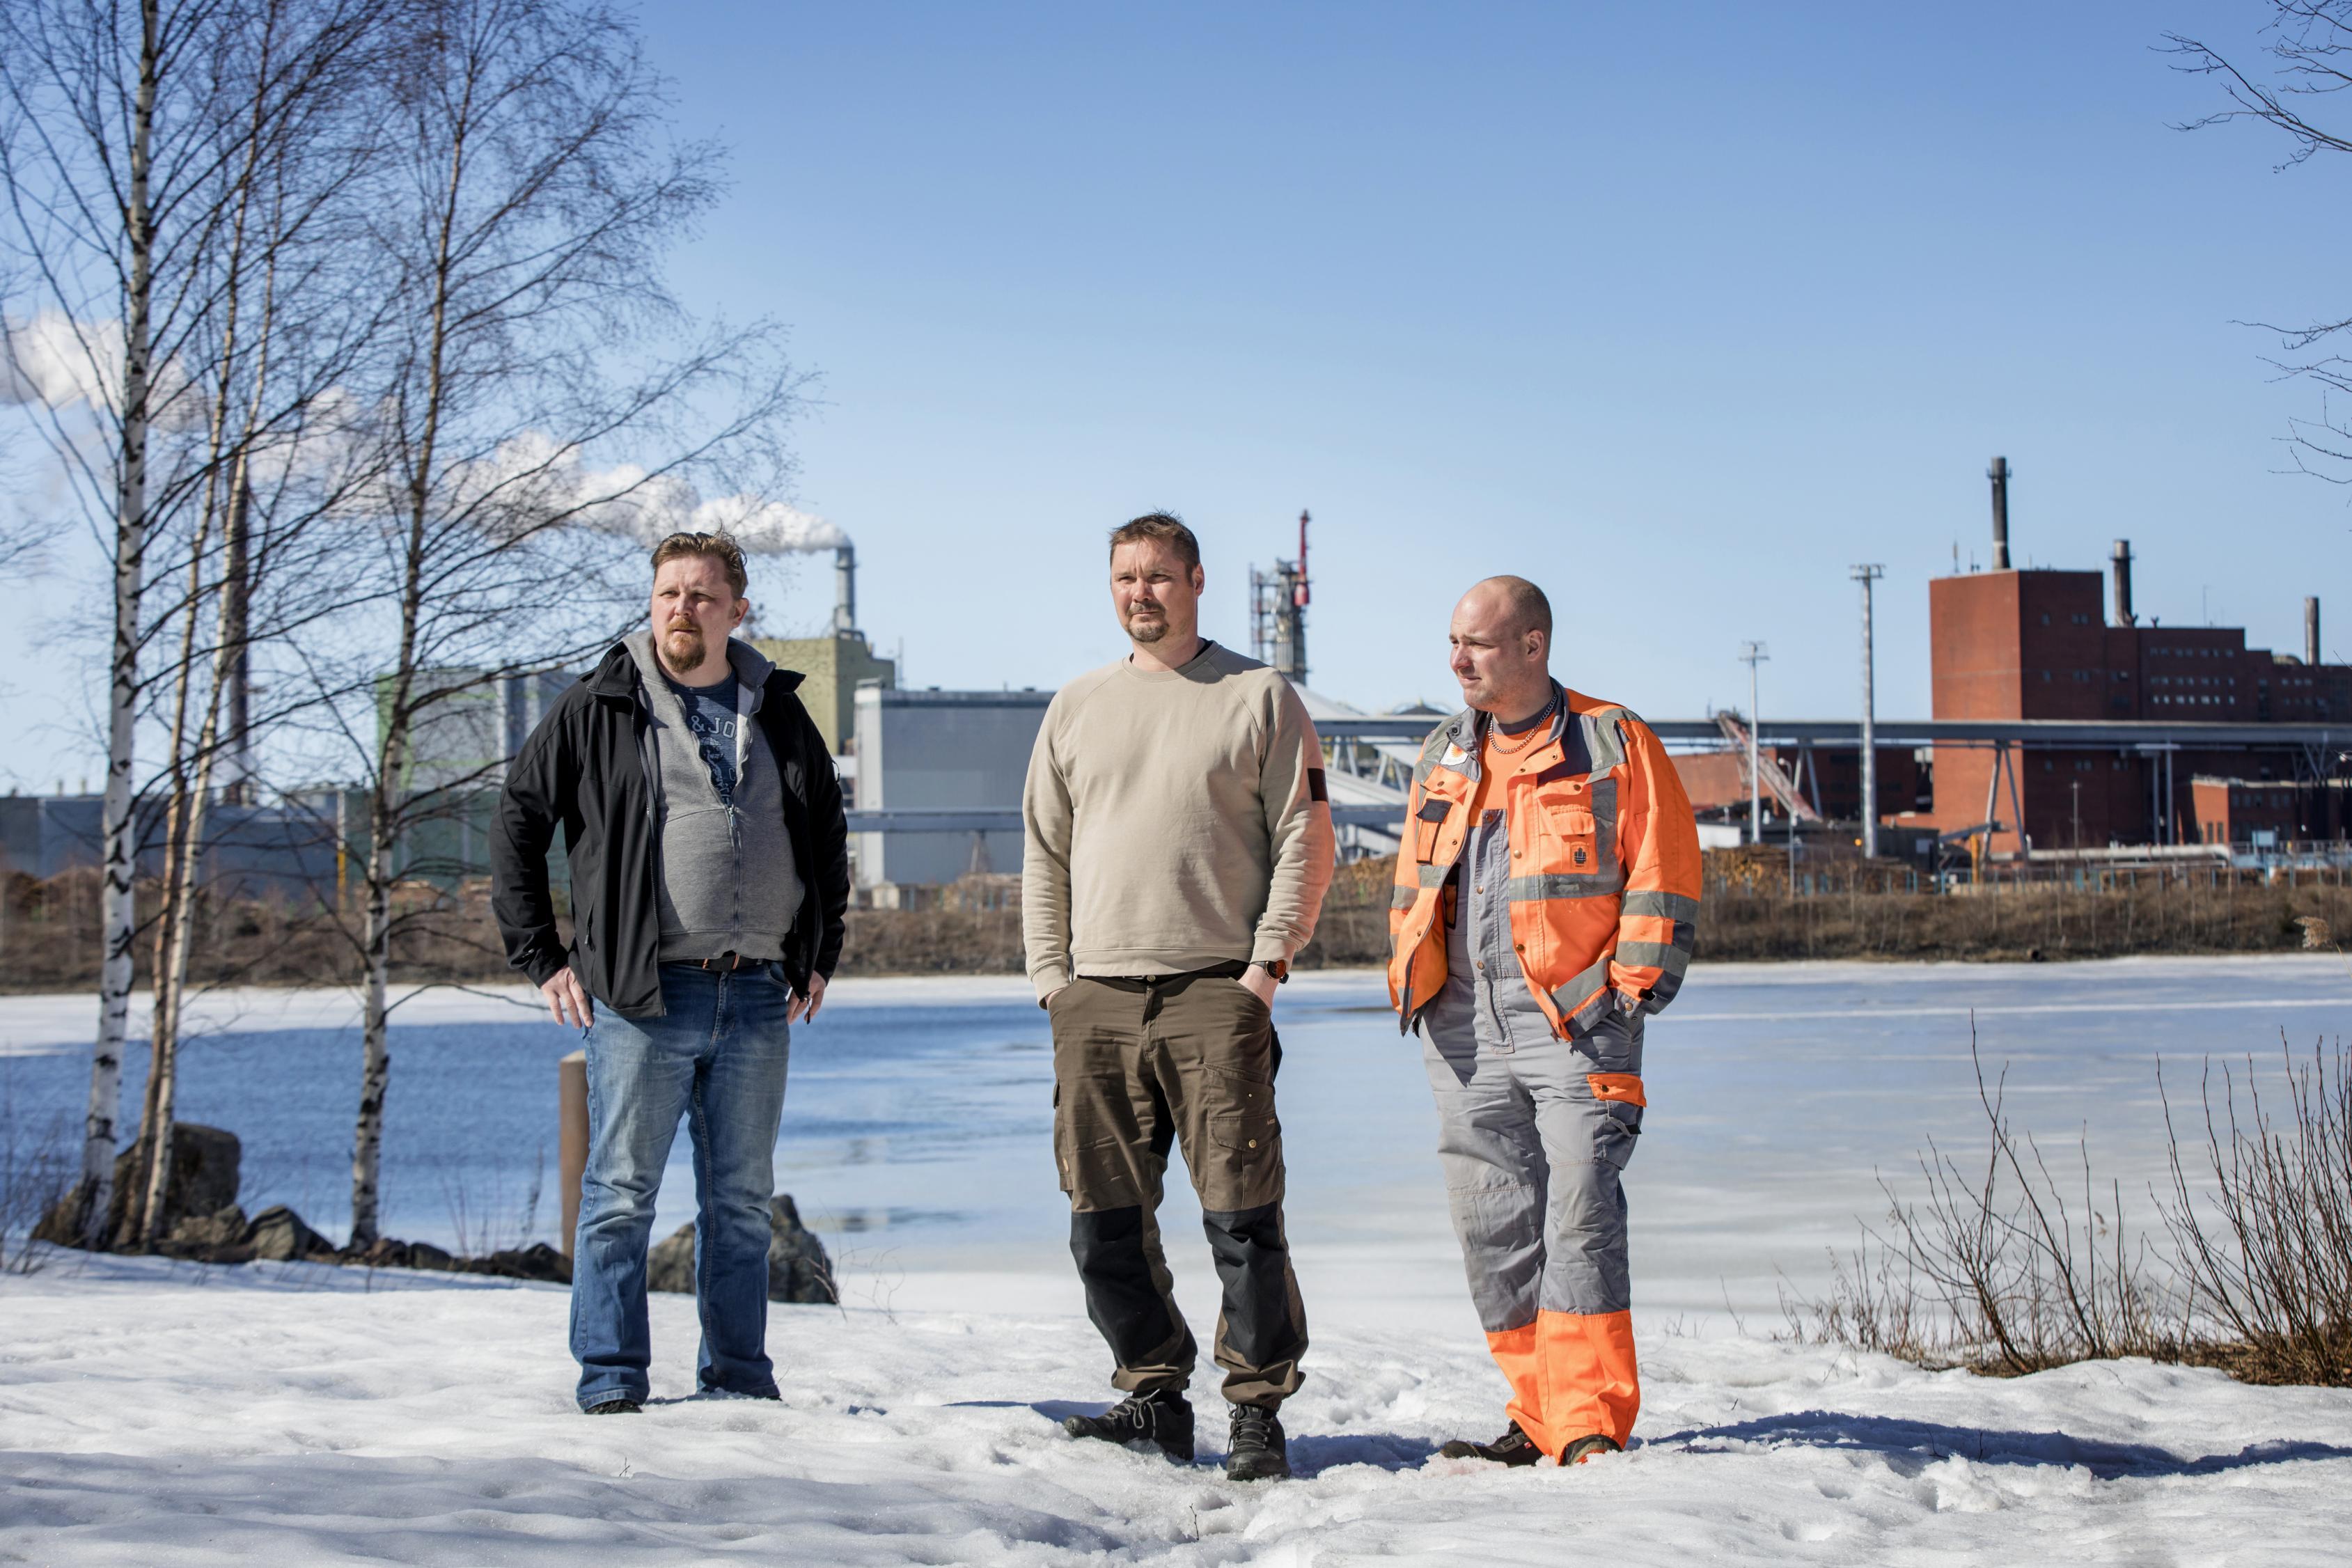 Jani Buska, Mikko Alamommo ja Petri Heikkinen valmistautuivat kokoukseen Rytikarin työväentalolla 26.4.